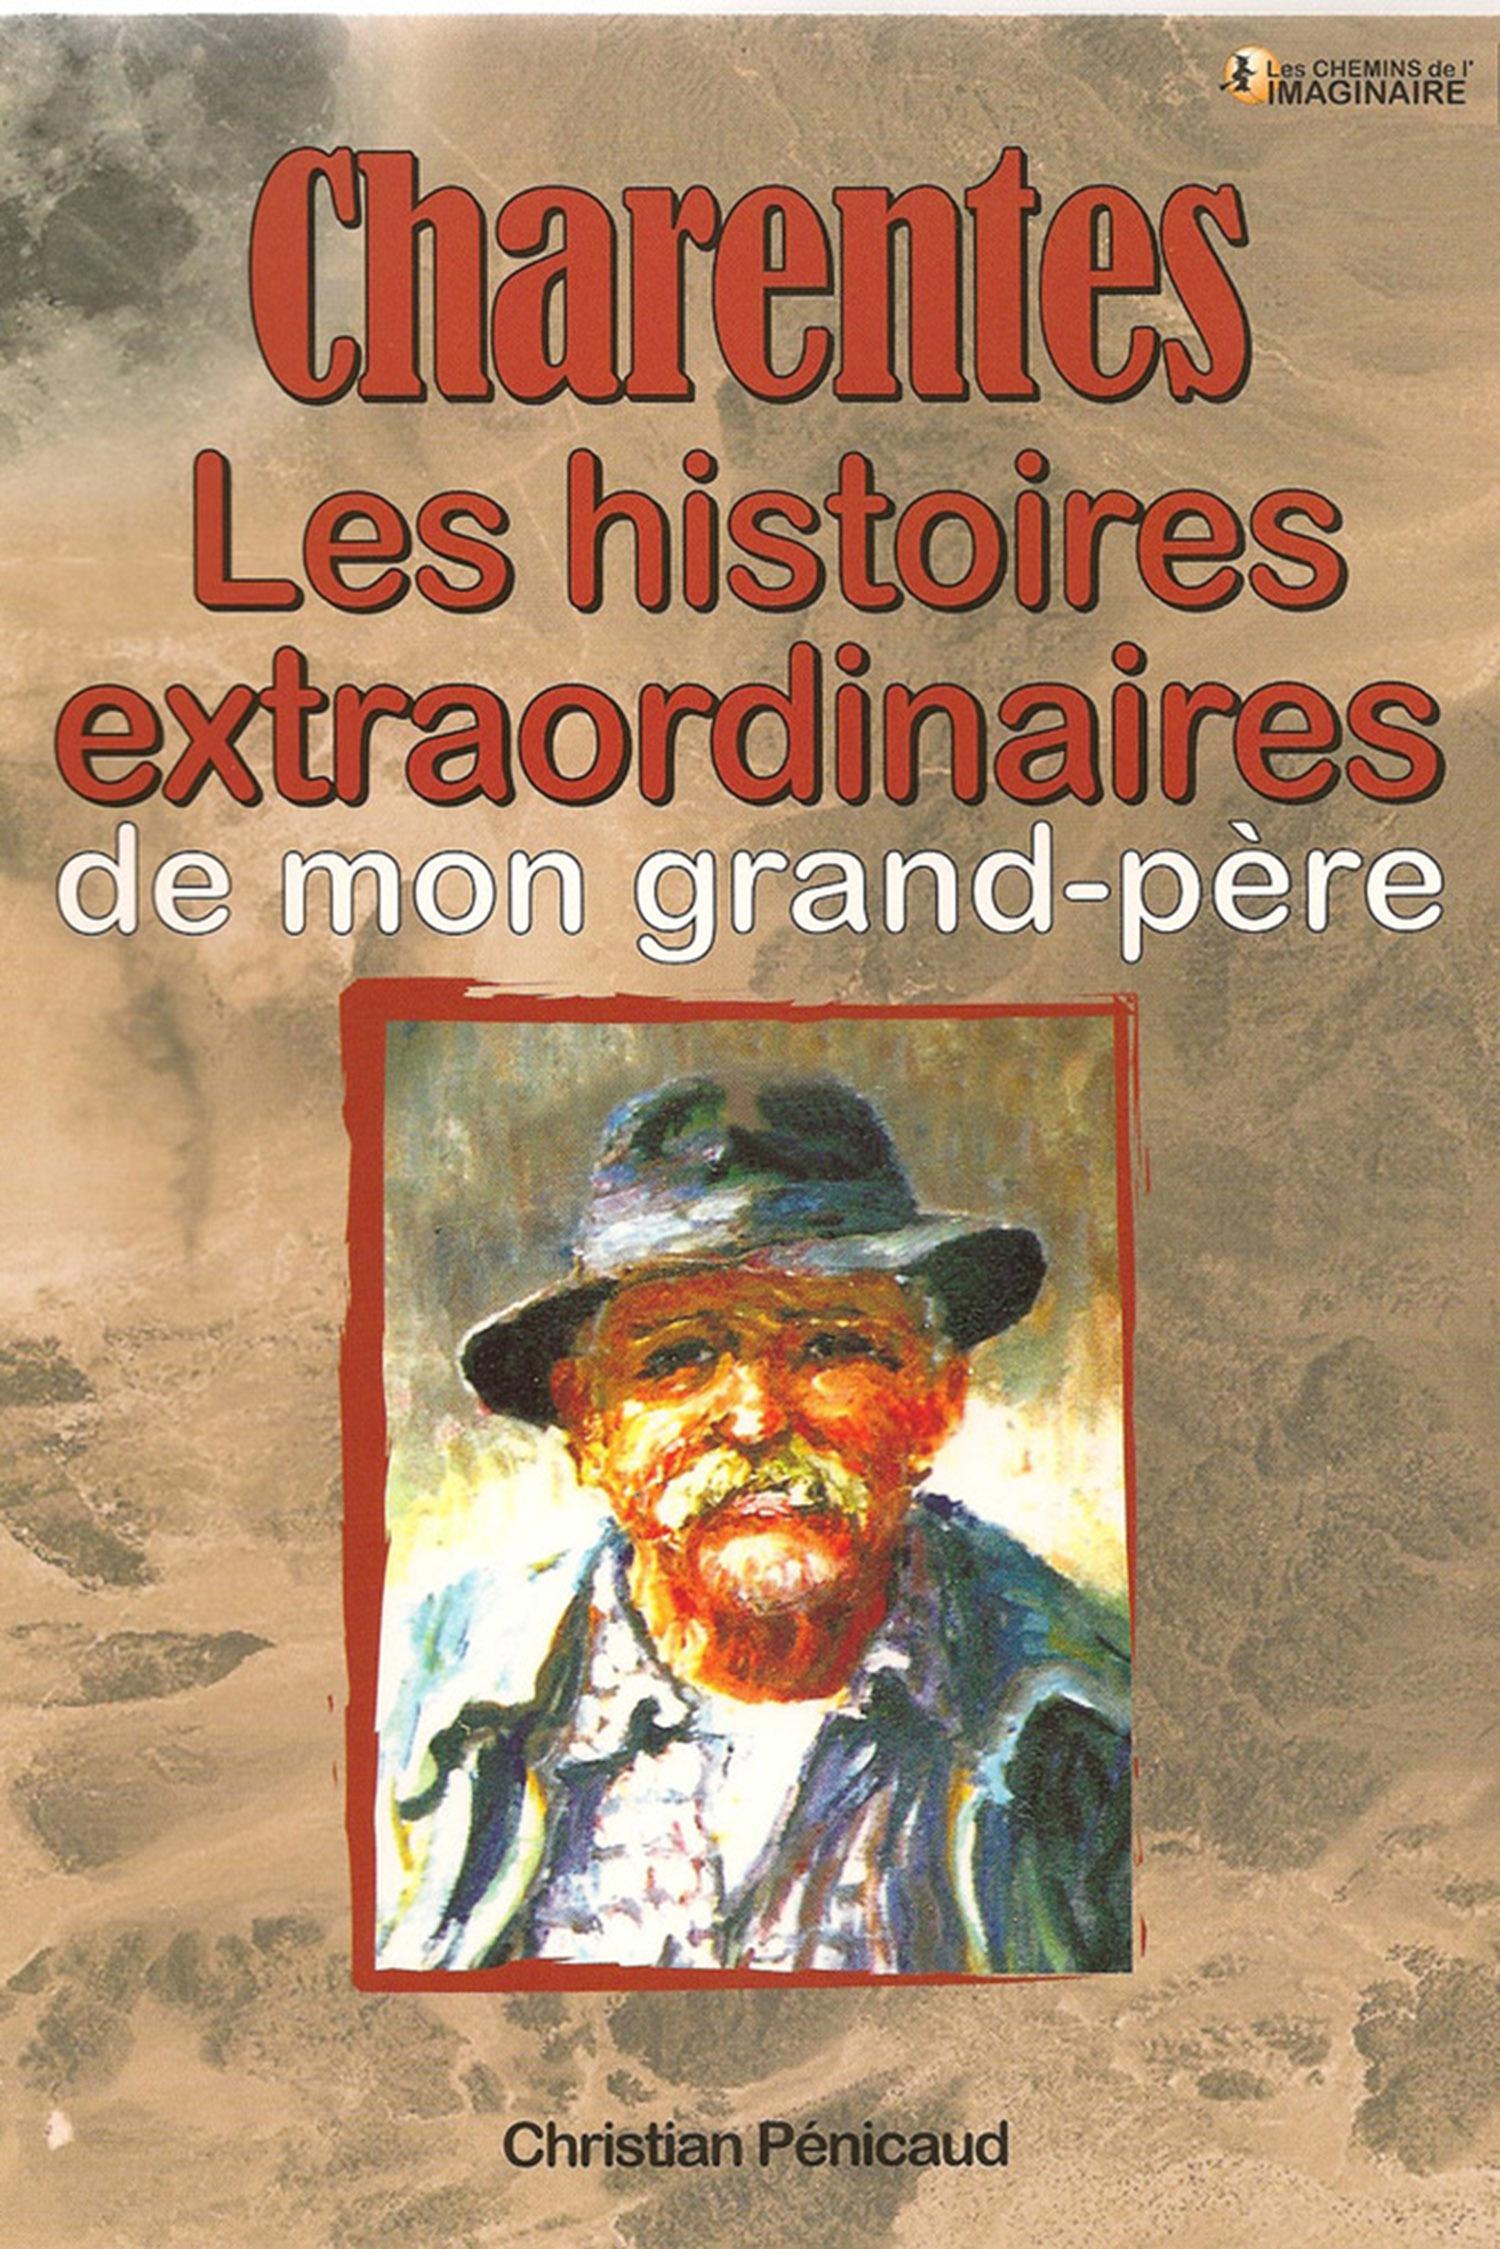 Charentes ; les histoires extraordinaires de mon grand-père